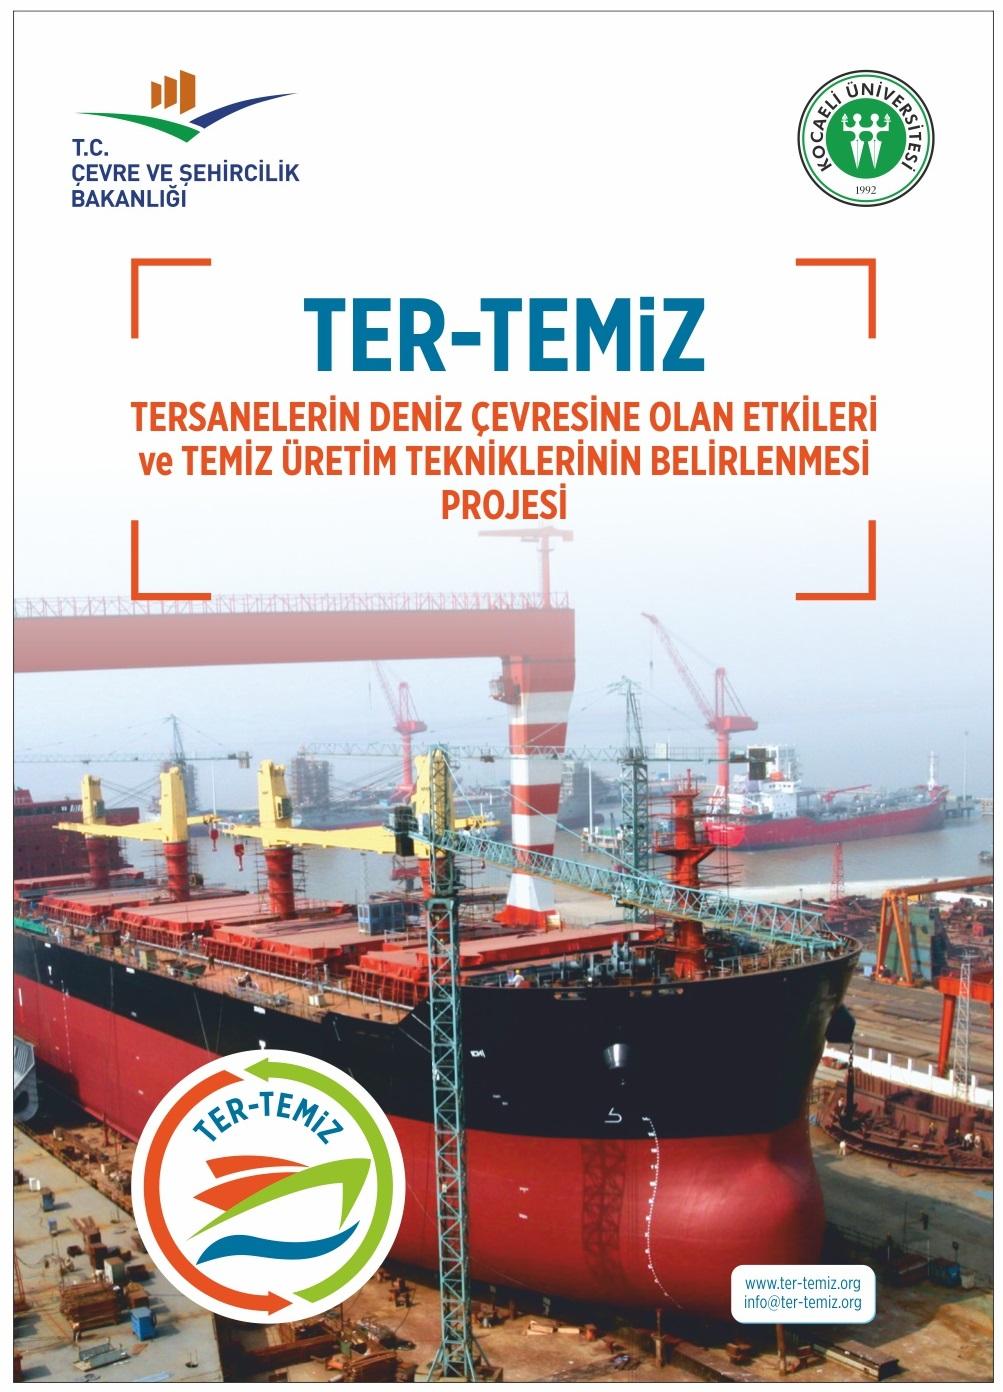 Tersanelerin Deniz Çevresine Olan Etkileri ve Temiz Üretim Tekniklerinin Belirlenmesi (TER-TEMİZ) Projesi Açılış Toplantısı ve Çalıştayı Gerçekleştirildi.